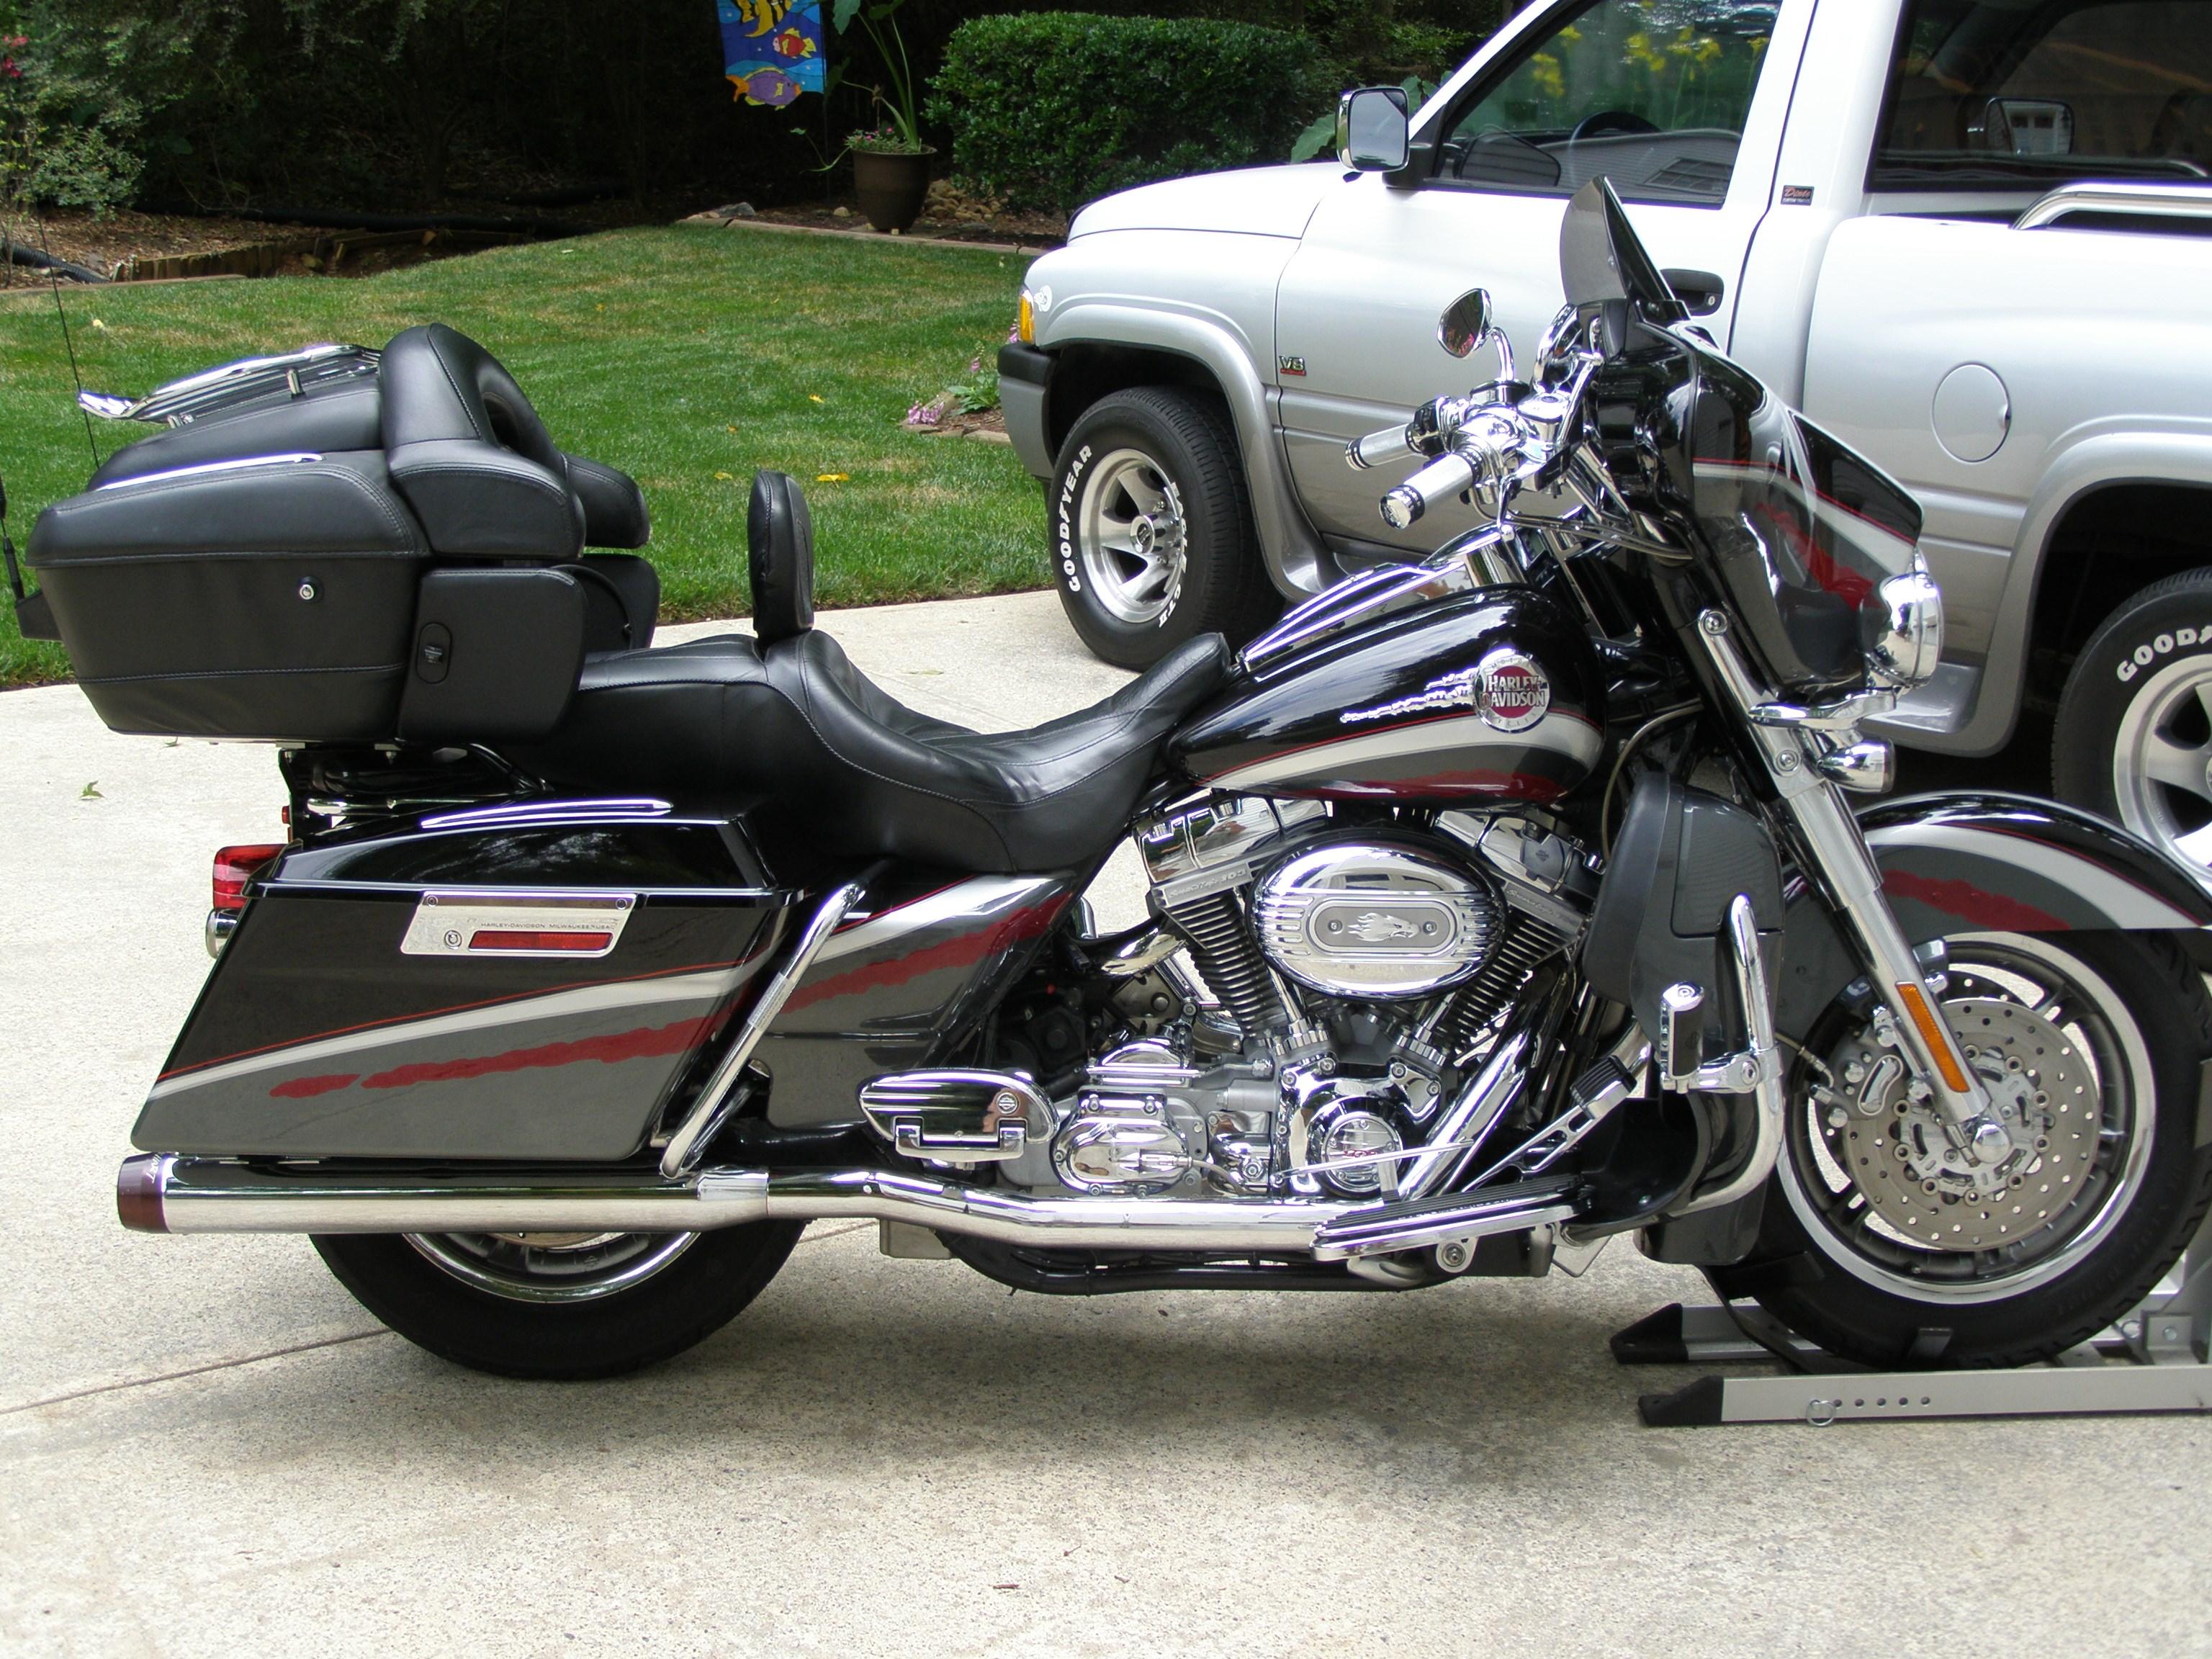 Harley Davidson 174 Screamin Eagle Electra Glide 174 For Sale